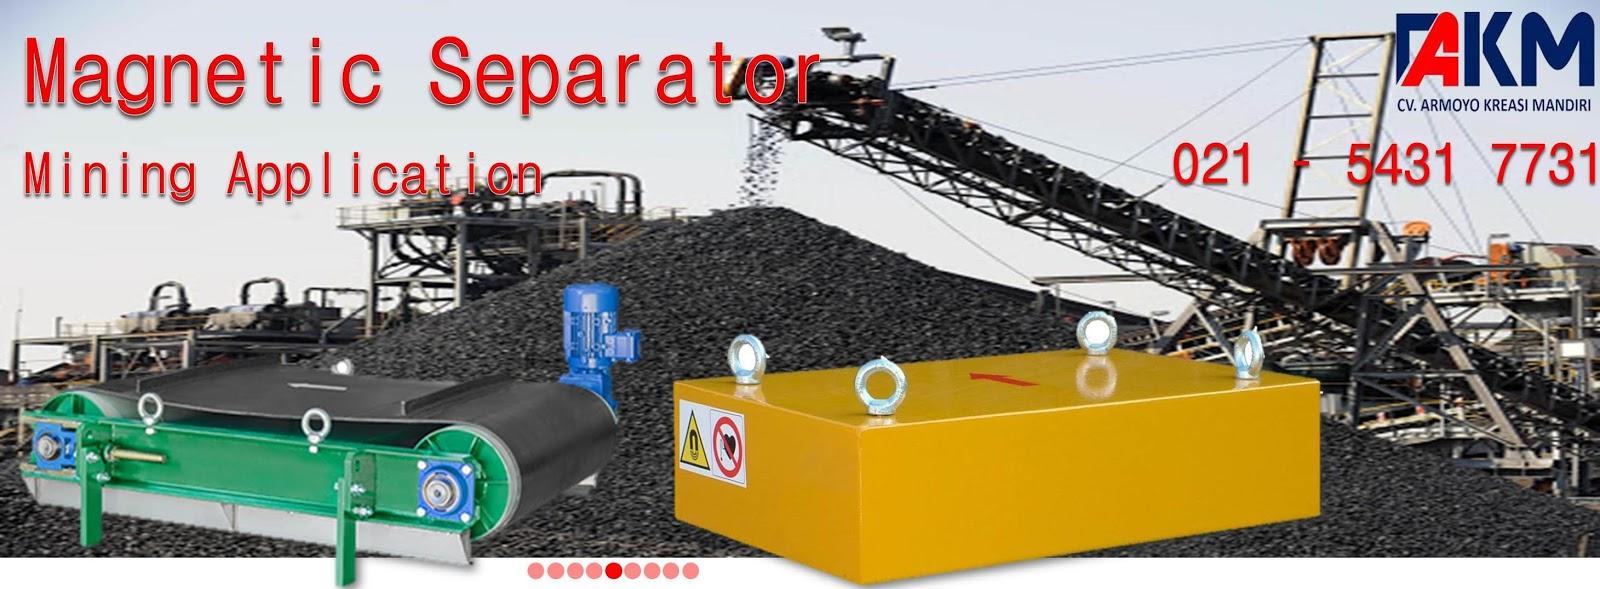 magnetic separator untuk mining